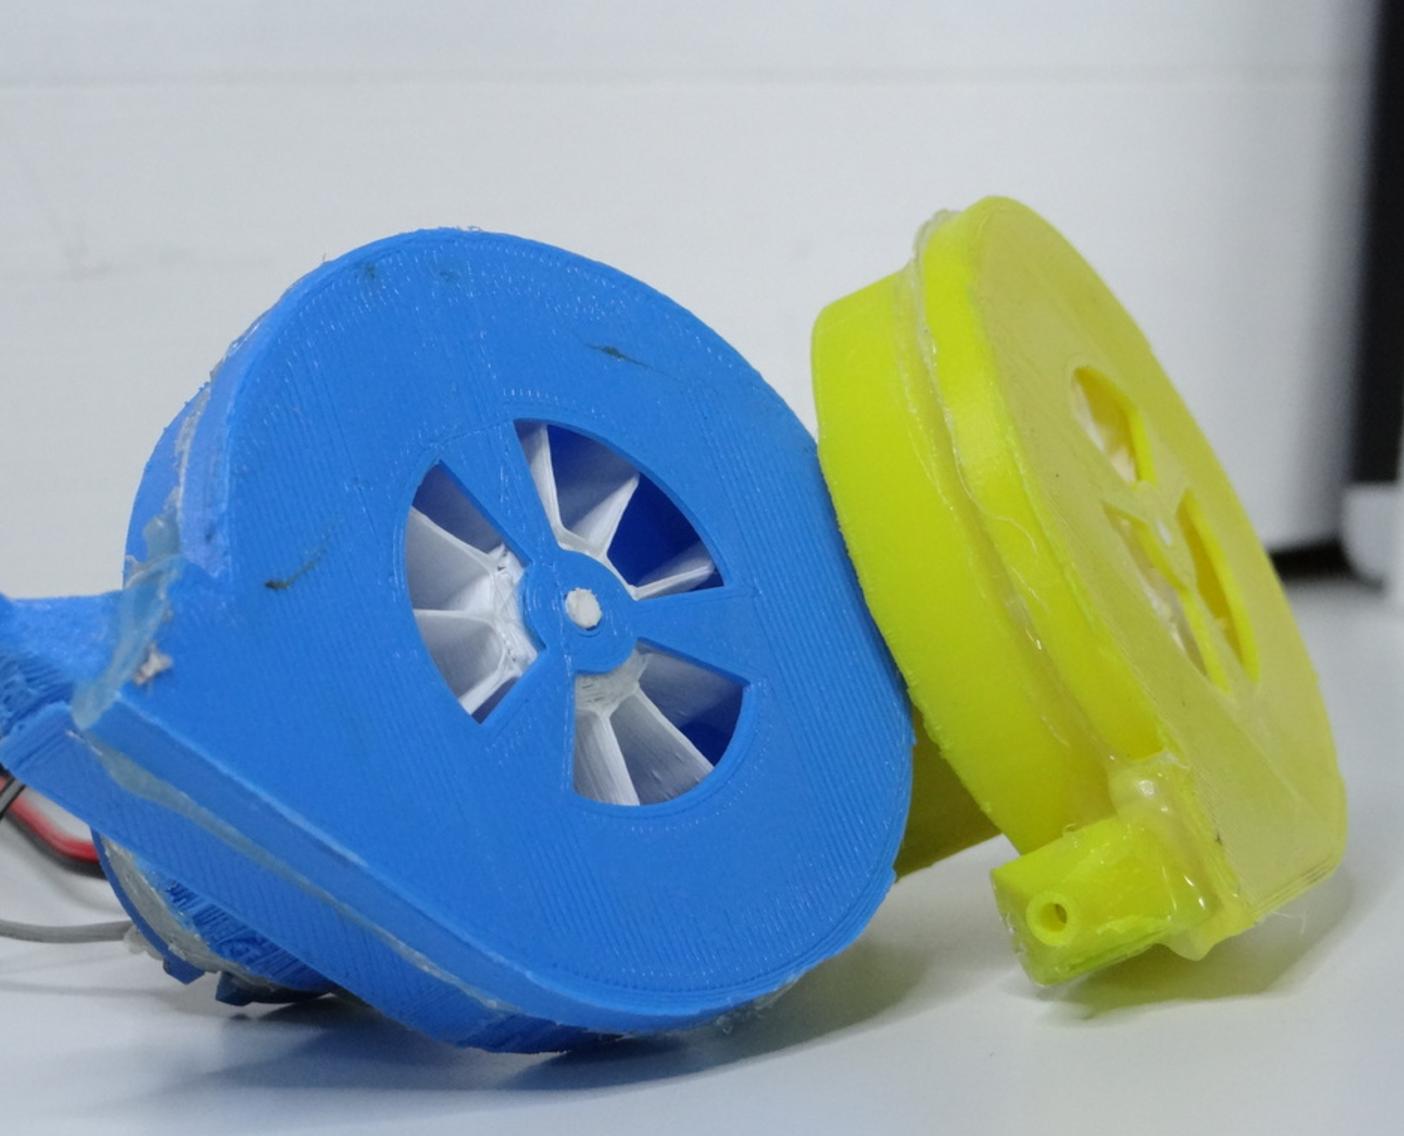 Capture d'écran 2017-08-17 à 19.04.19.png Download free STL file Water pump • 3D printing object, NikodemBartnik